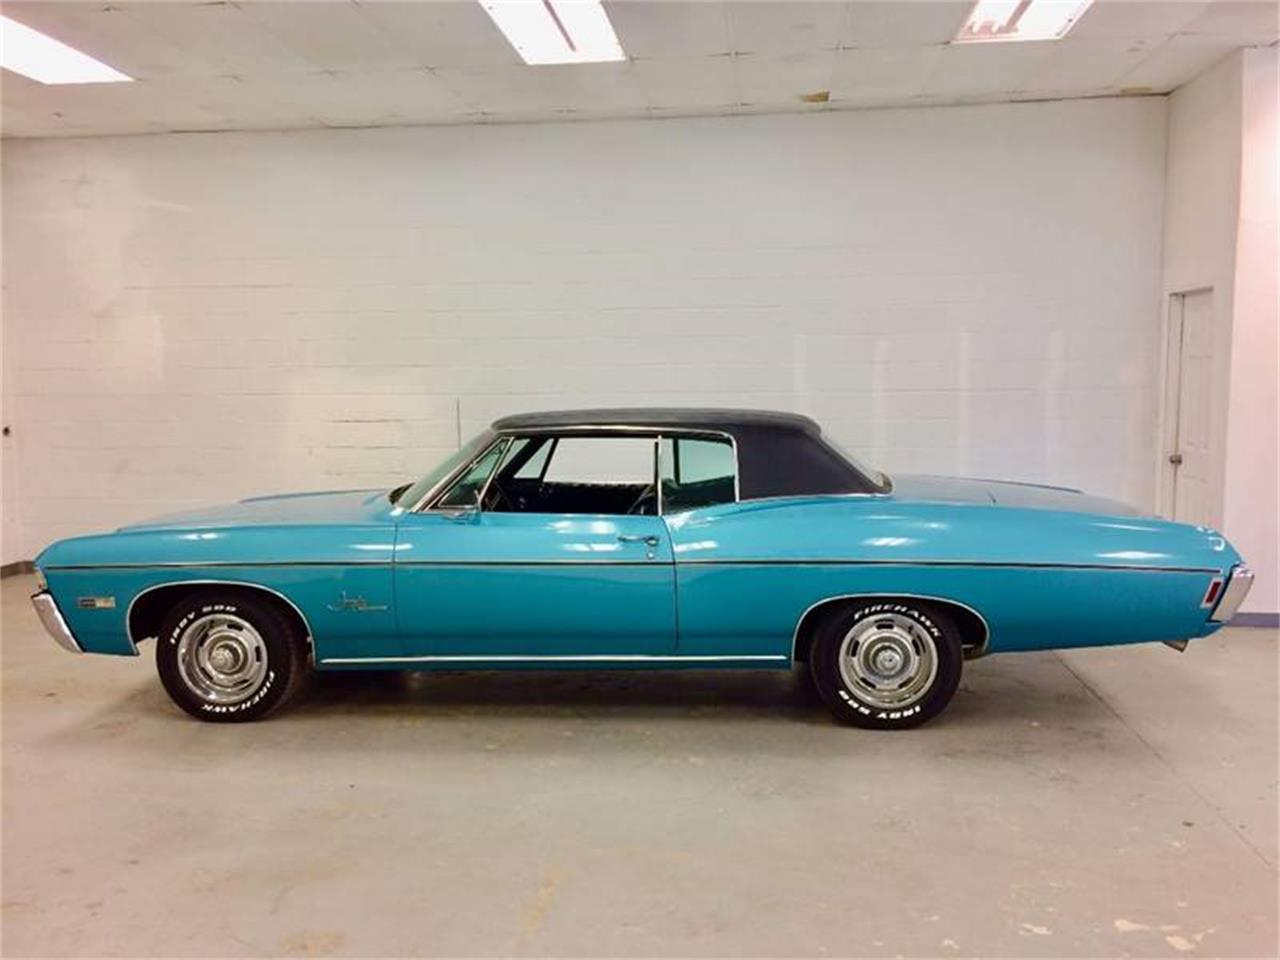 1968 Chevrolet Impala (CC-1103494) for sale in Vestal, New York